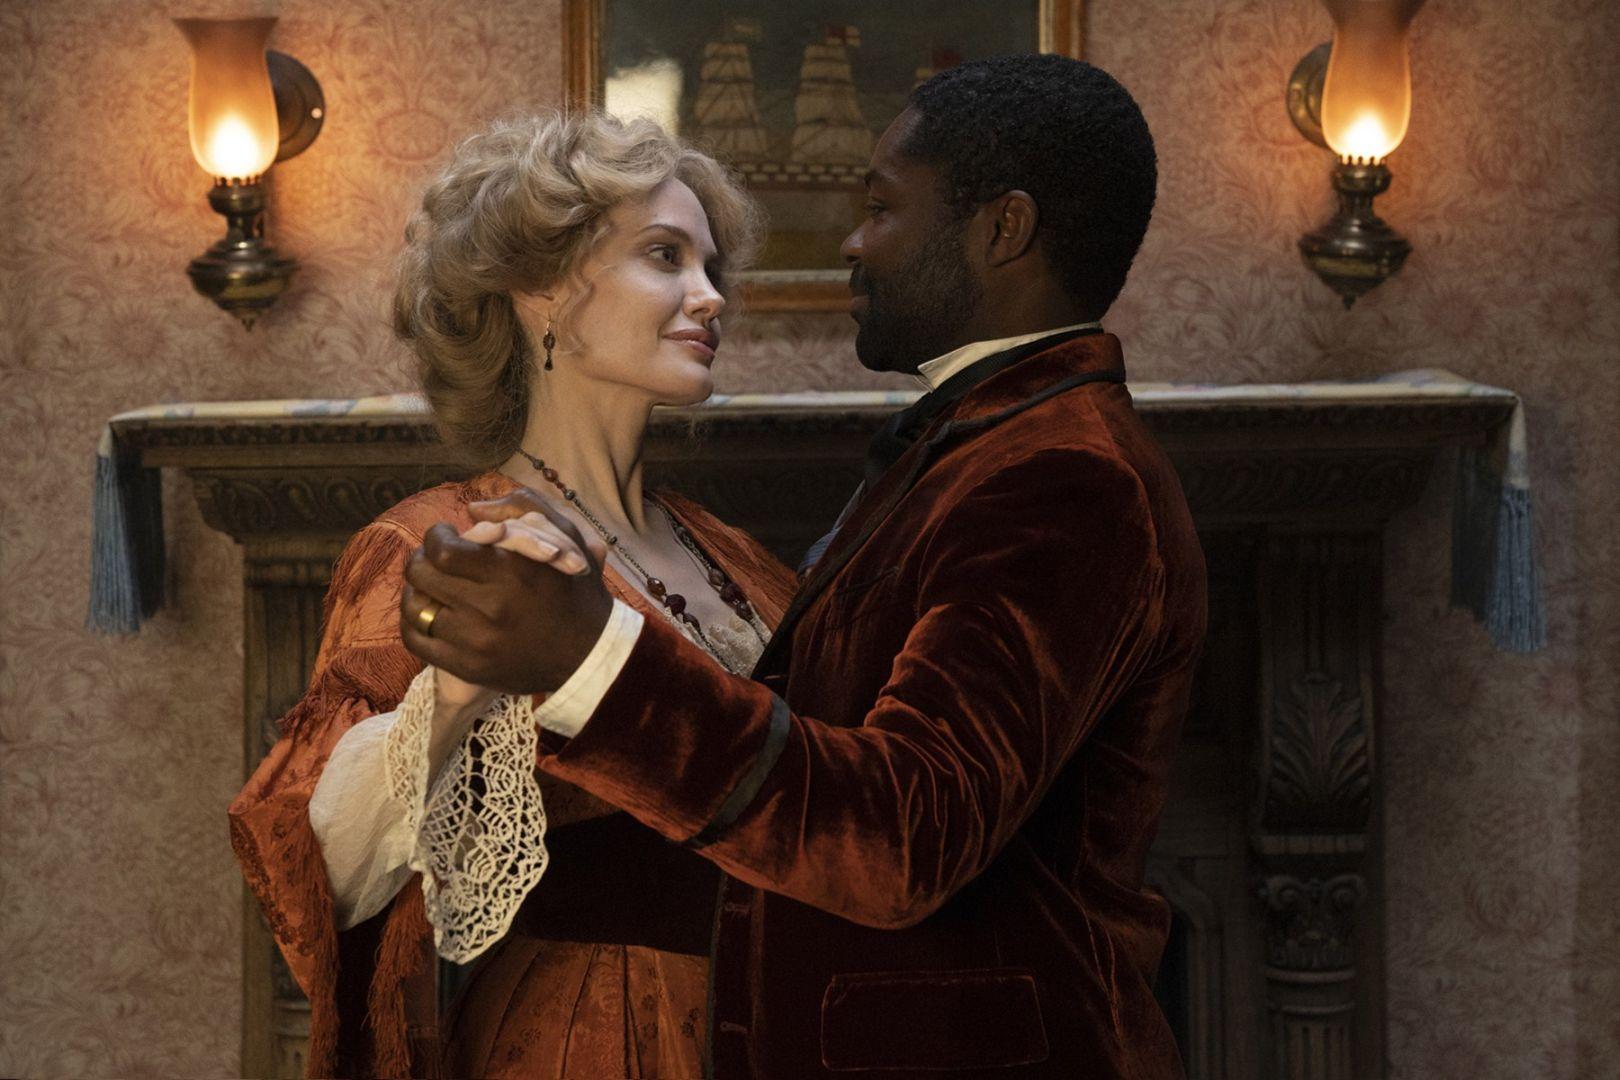 好萊塢巨星安潔莉娜裘莉最新力作《愛麗絲與夢幻島》11月12日搶先全美在台上映